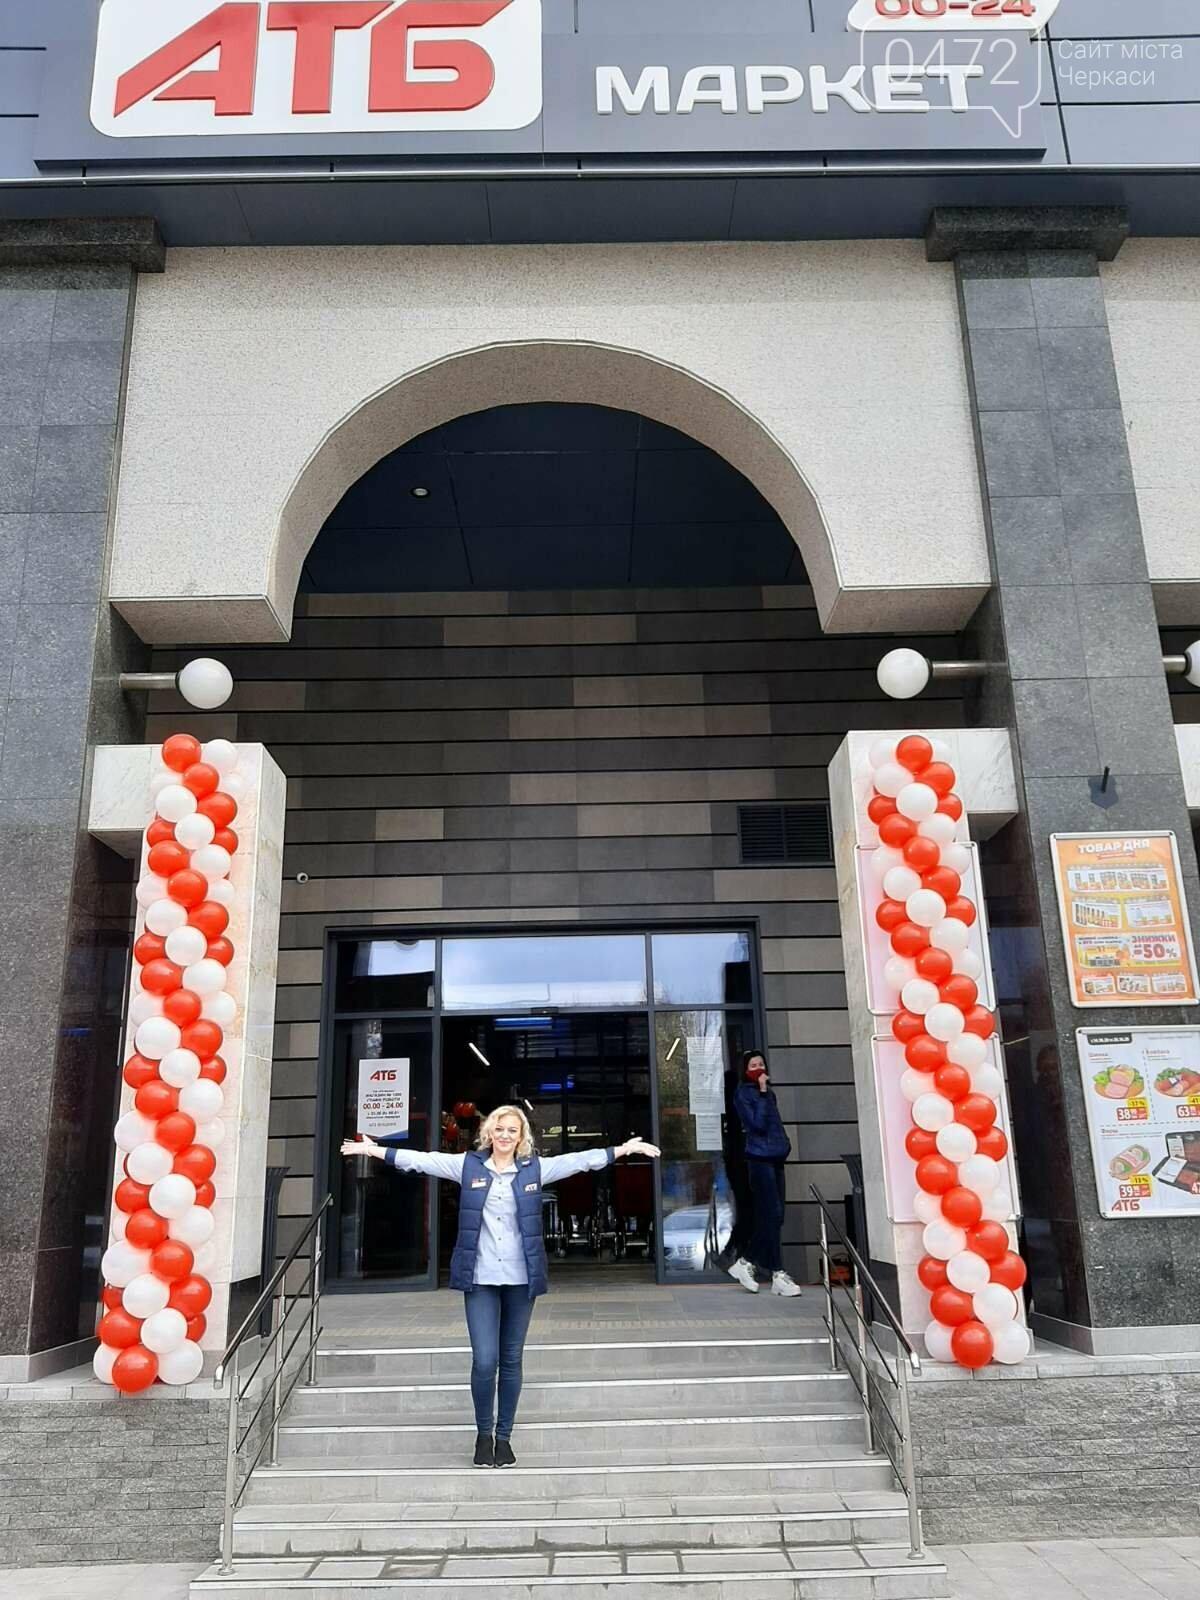 """Керівник магазину """"АТБ"""" у Черкасах Тетяна Крисіна: """"Завжди хочеться прагнути до більшого та вірити в краще"""", фото-3"""